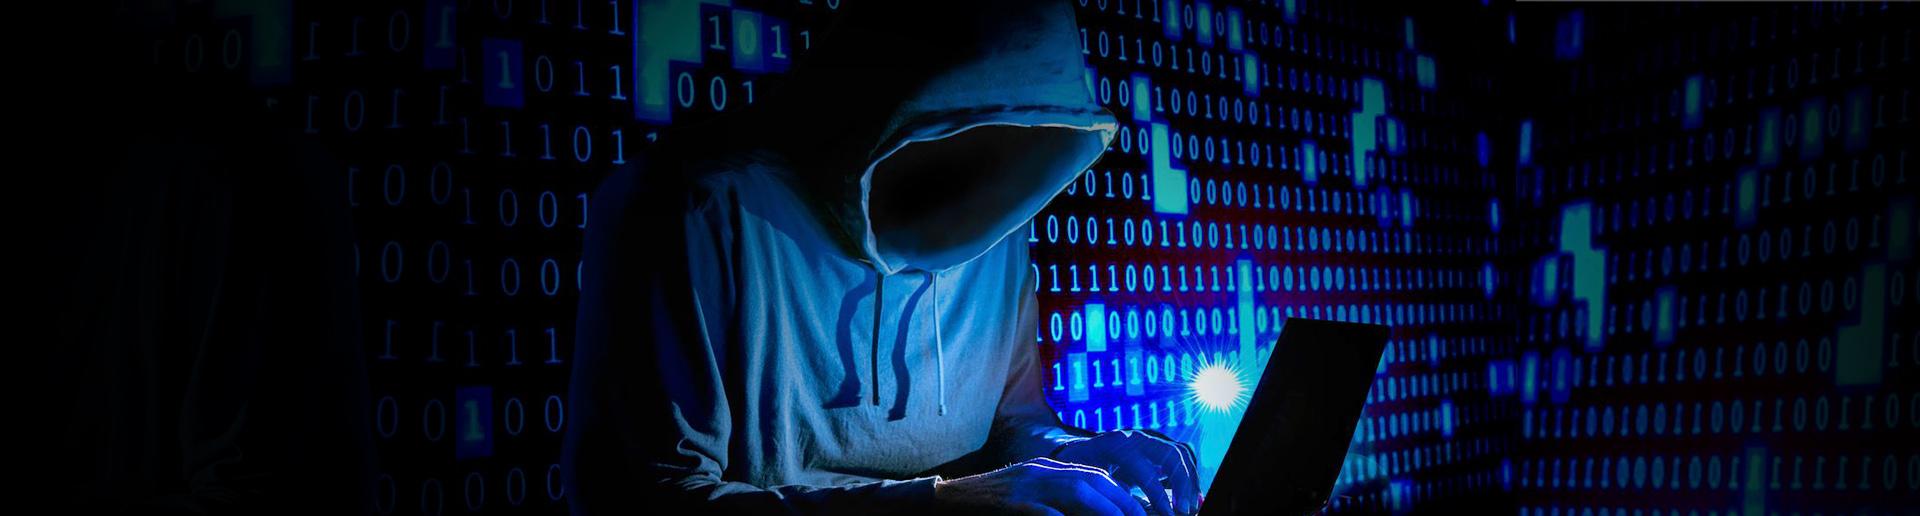 S2M vous propose un nouvel outil de lutte contre la fraude